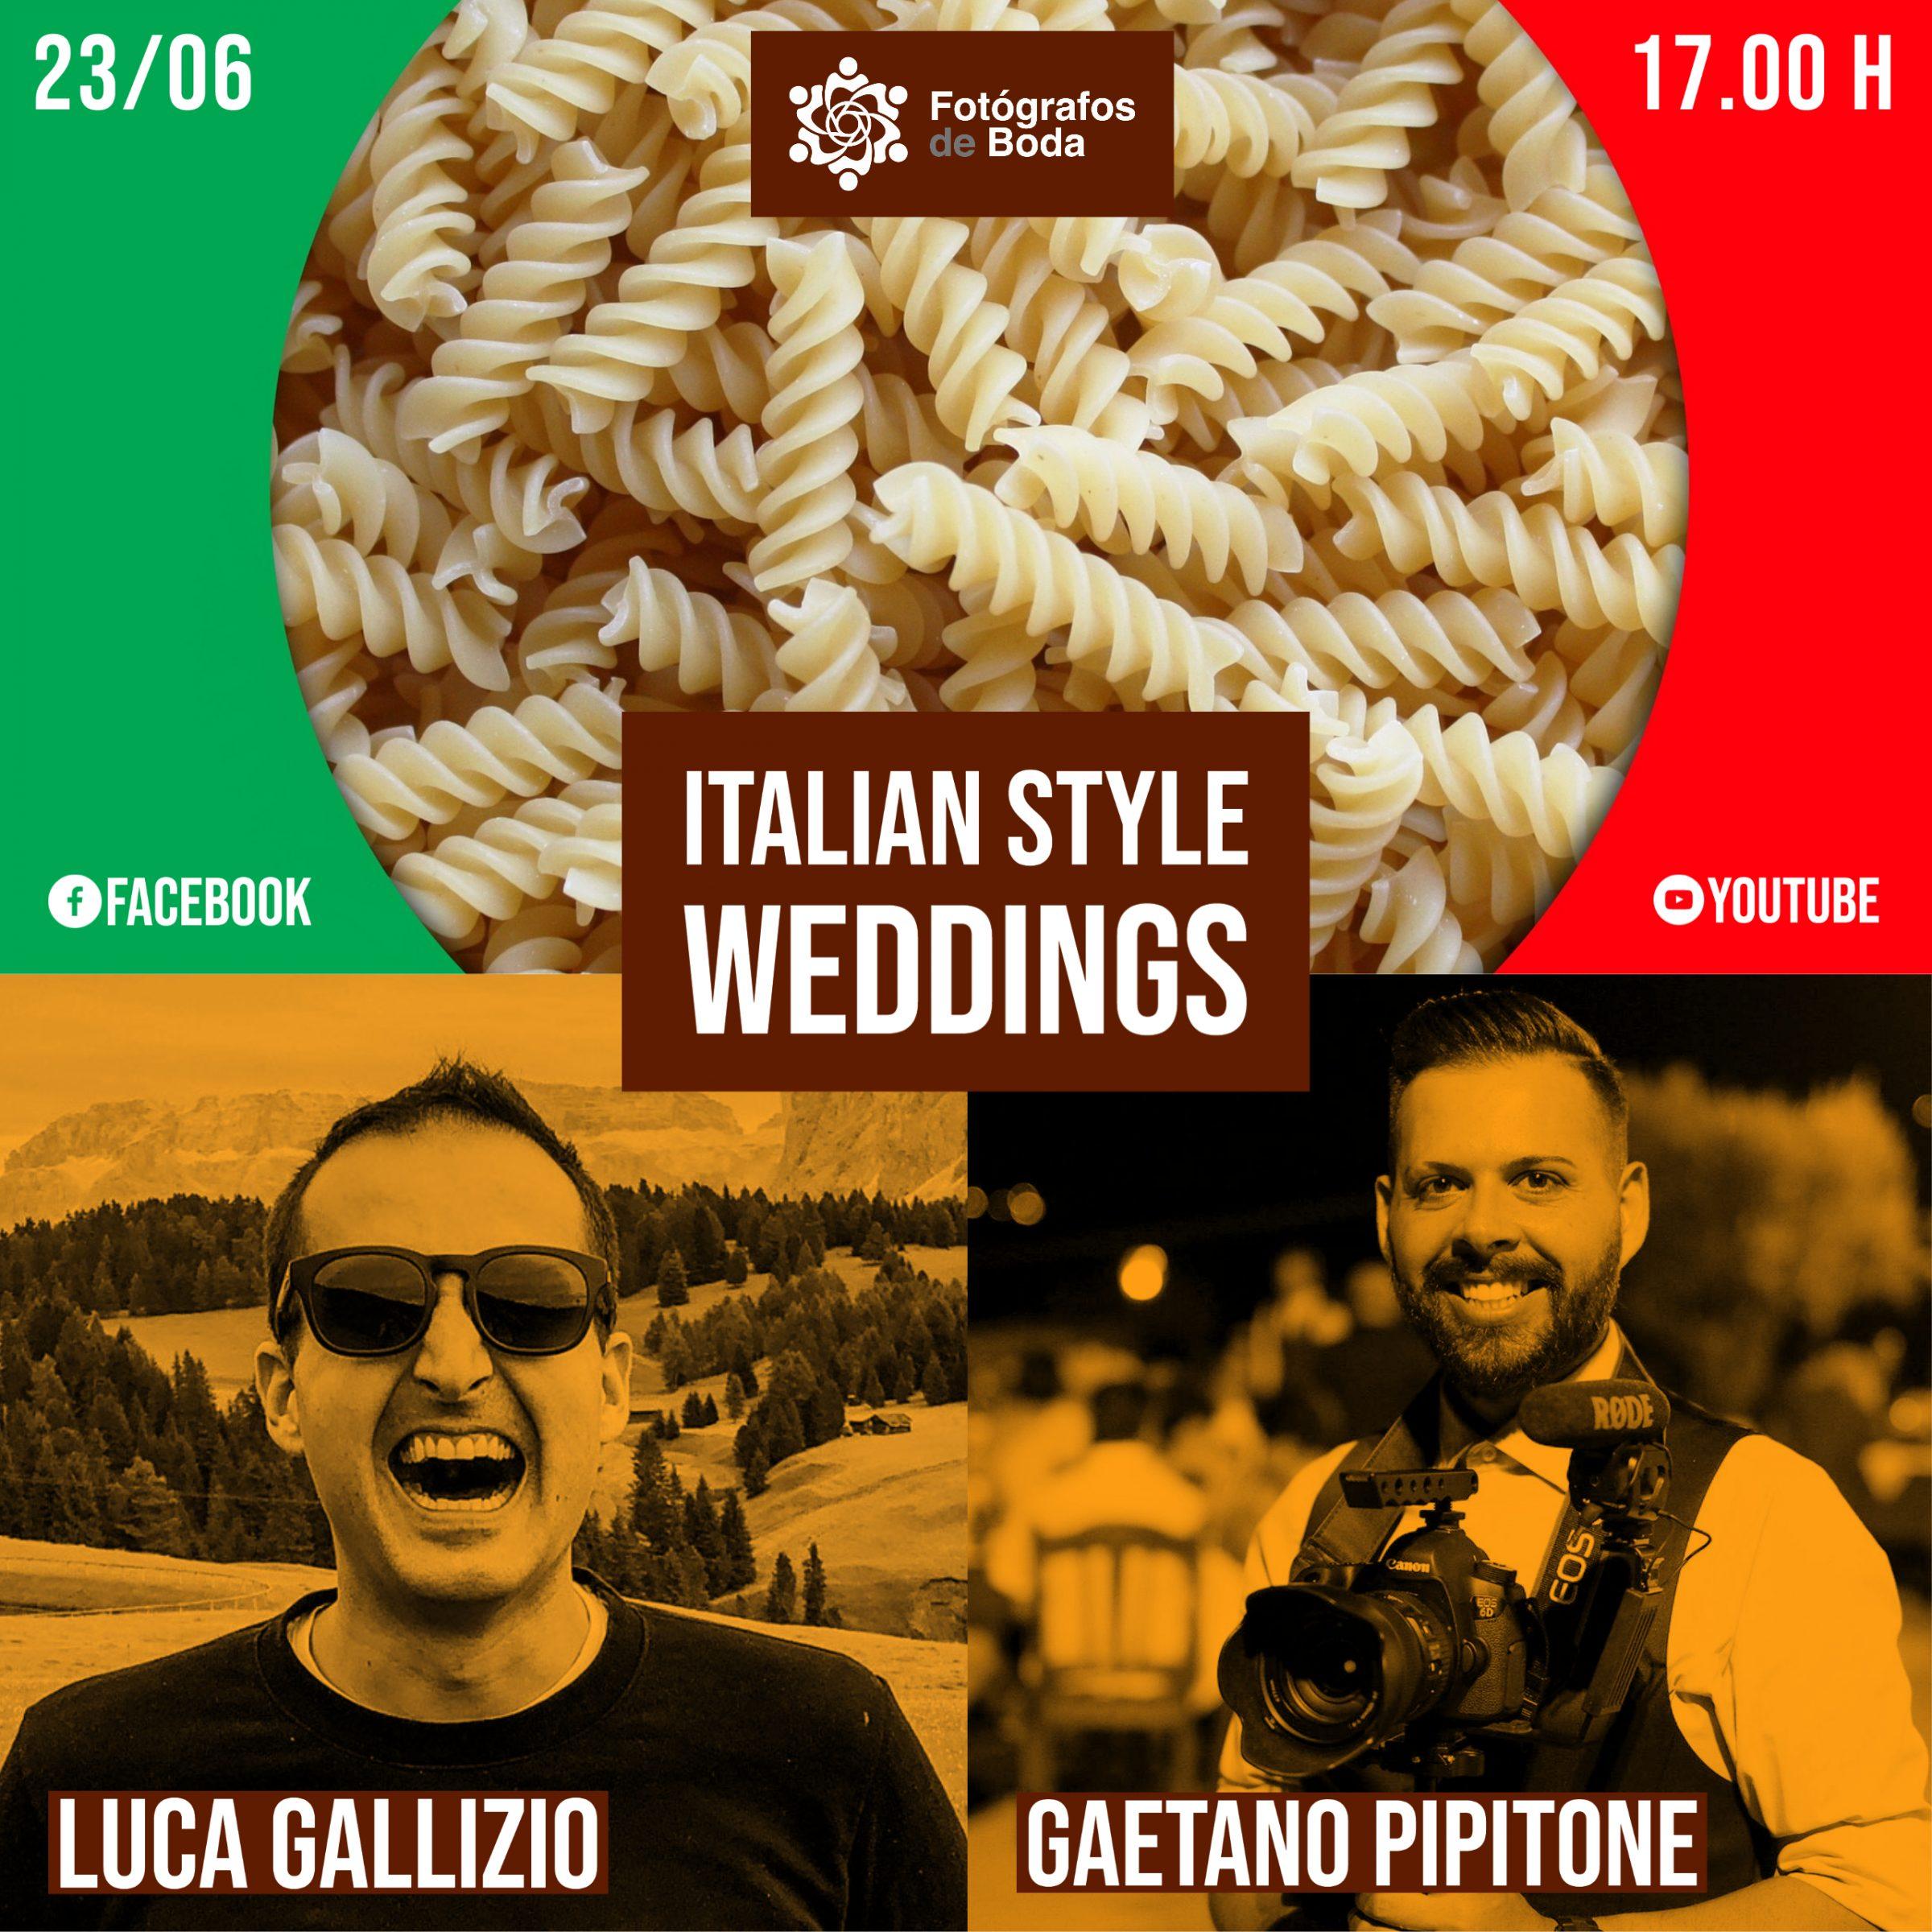 matrimonio in stile italiano